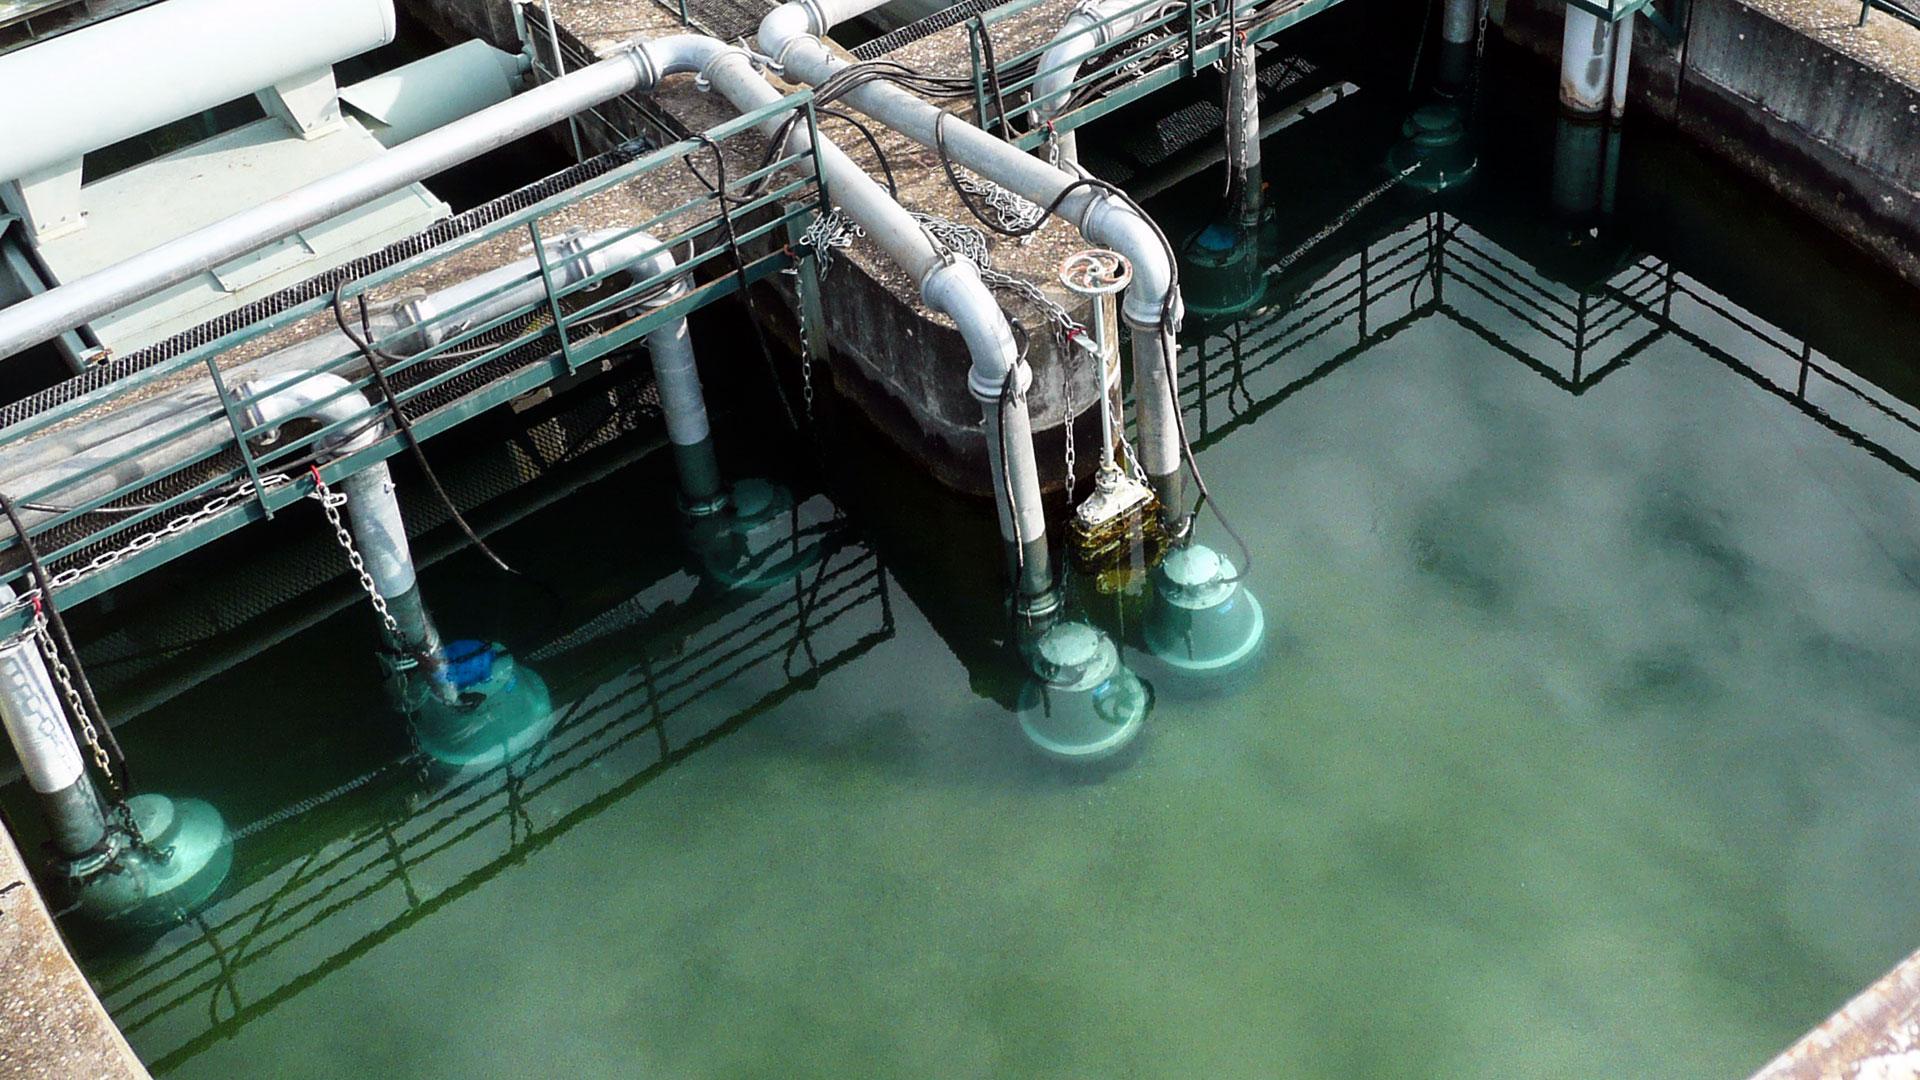 Pompes submersibles électriques immergées dans un bassin d'eau claire vue rapprochée